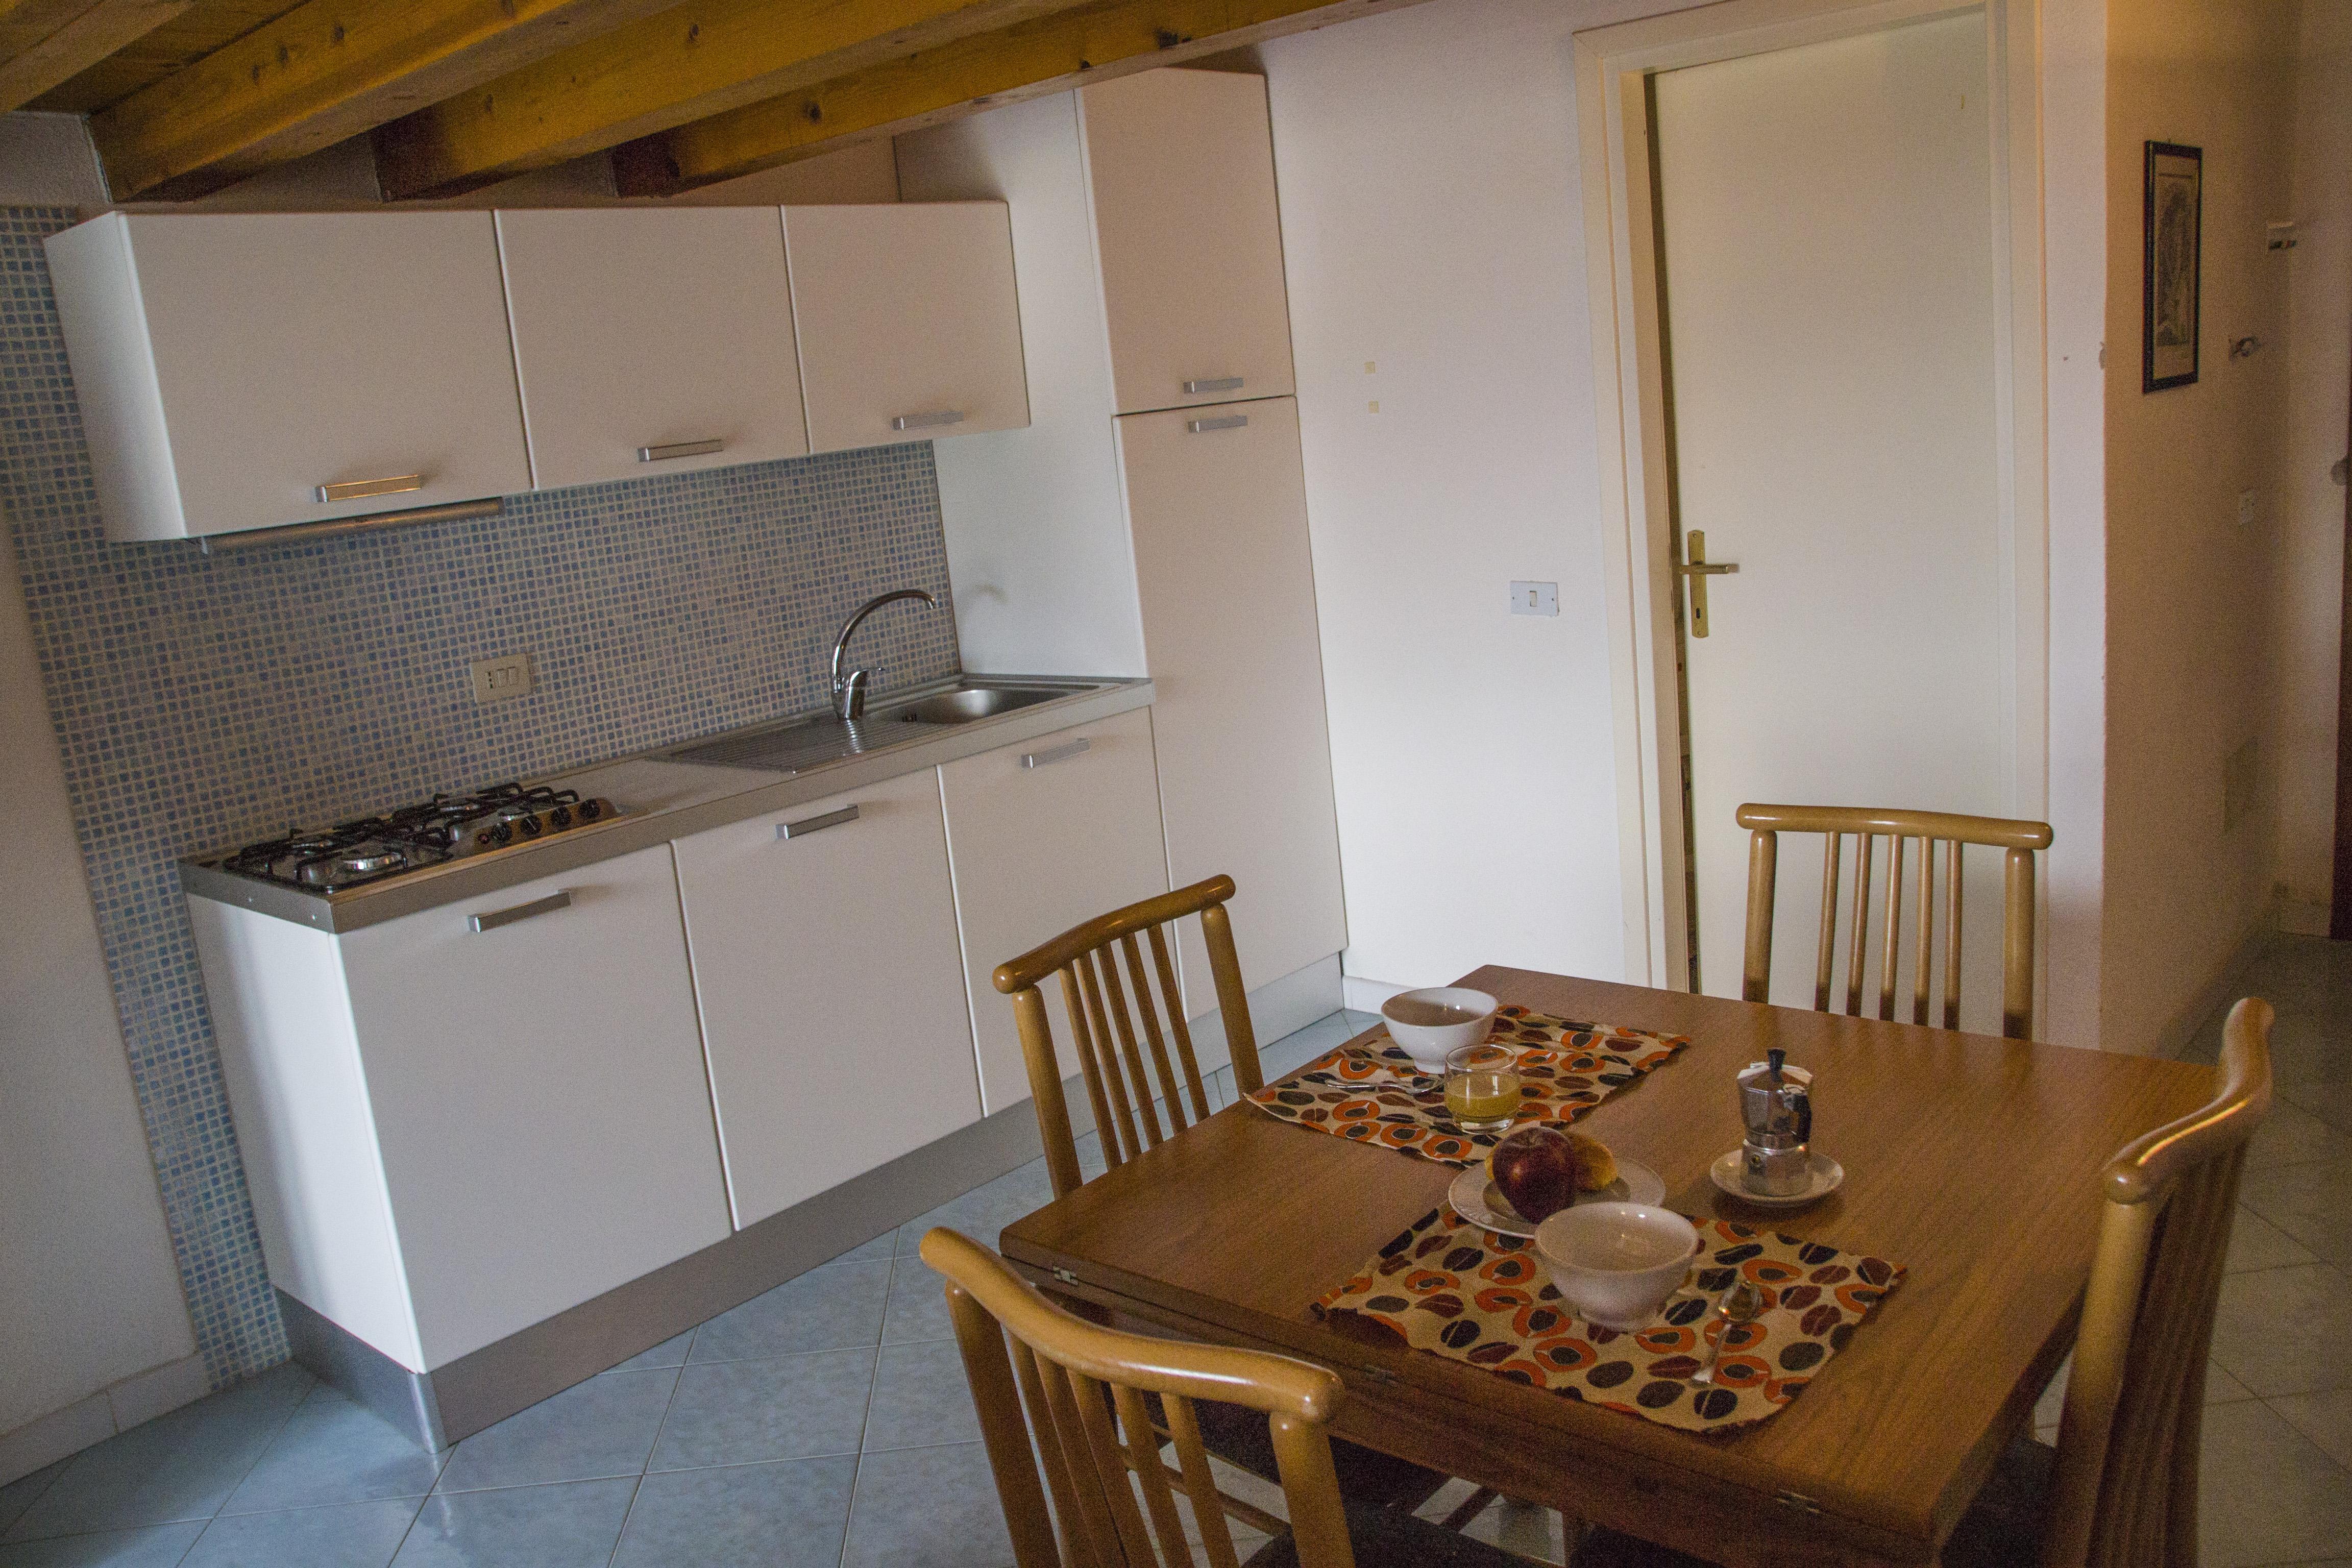 La filasca monolocale con soppalco 1 piano immobiliare - Monolocale con letto a soppalco ...